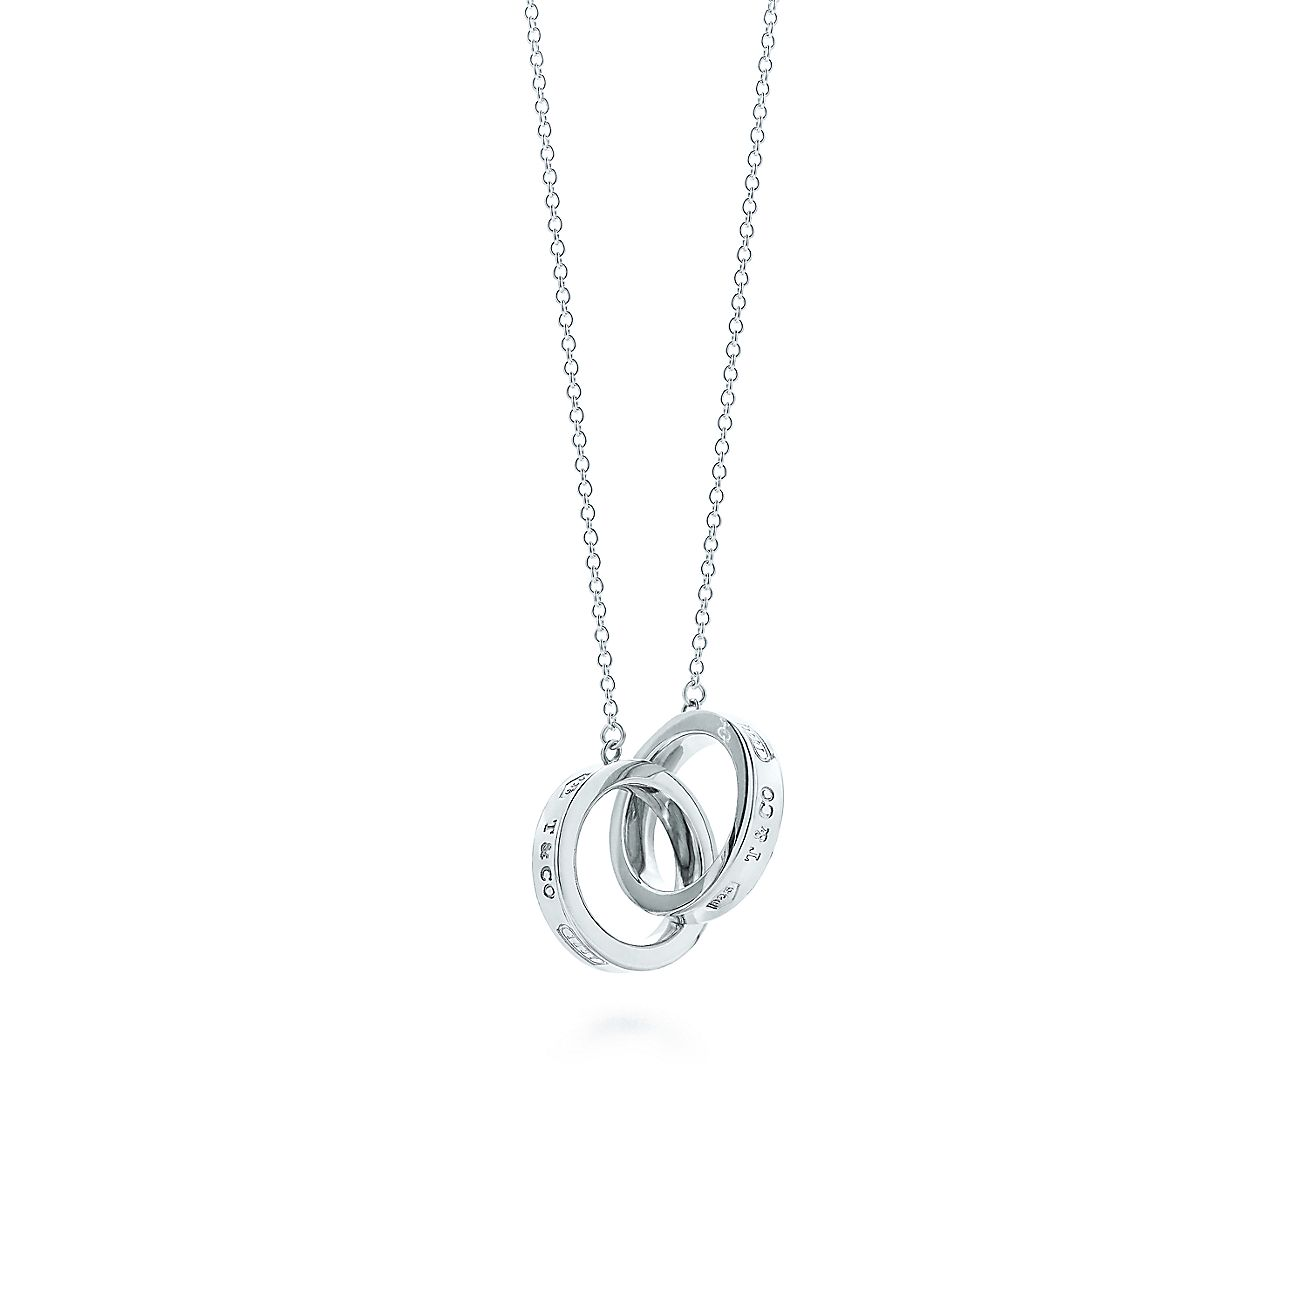 Tiffany 1837 interlocking circles pendant in sterling silver tiffany 1837 interlocking circles pendant in sterling silver tiffany co aloadofball Gallery